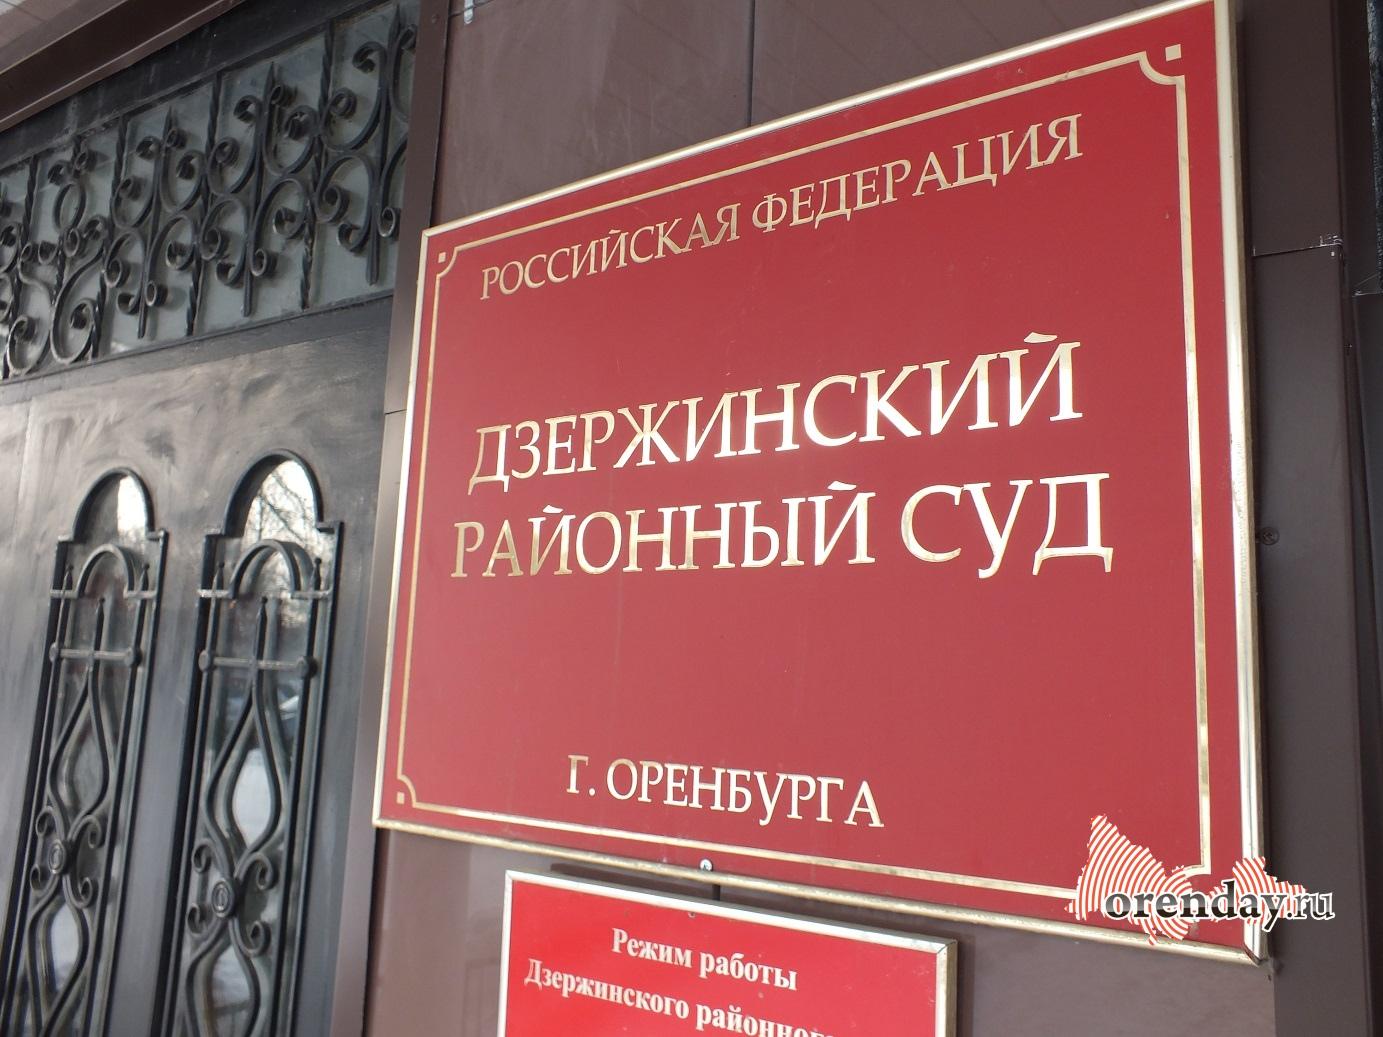 СКР: Арестован обвиняемый впохищении оренбургской школьницы ради выкупа